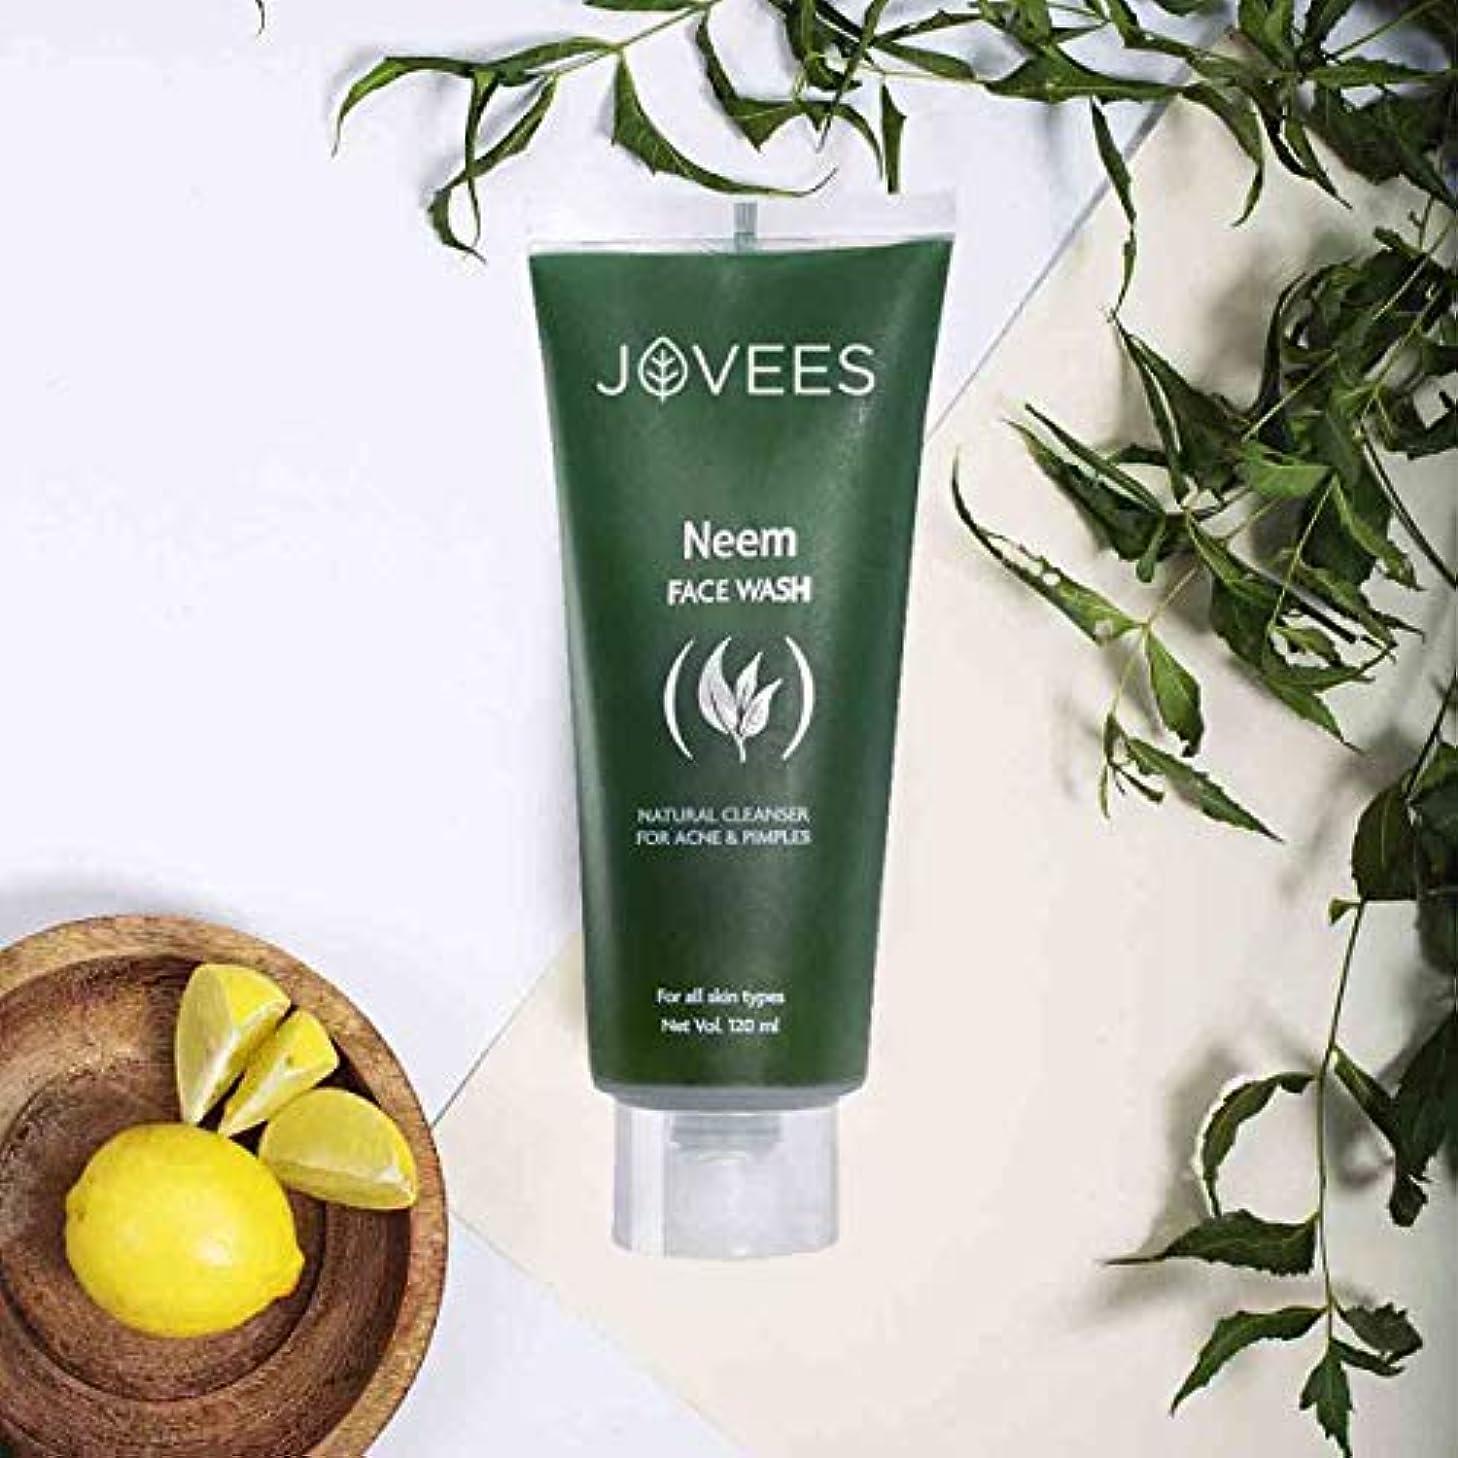 津波謝罪するあいまいJovees Natural Neem Face Wash 120ml help mitigate pimple & Acne improve skin complexion ナチュラルニームフェイスウォッシュがニキビの軽減とニキビのお肌の色白を改善します。